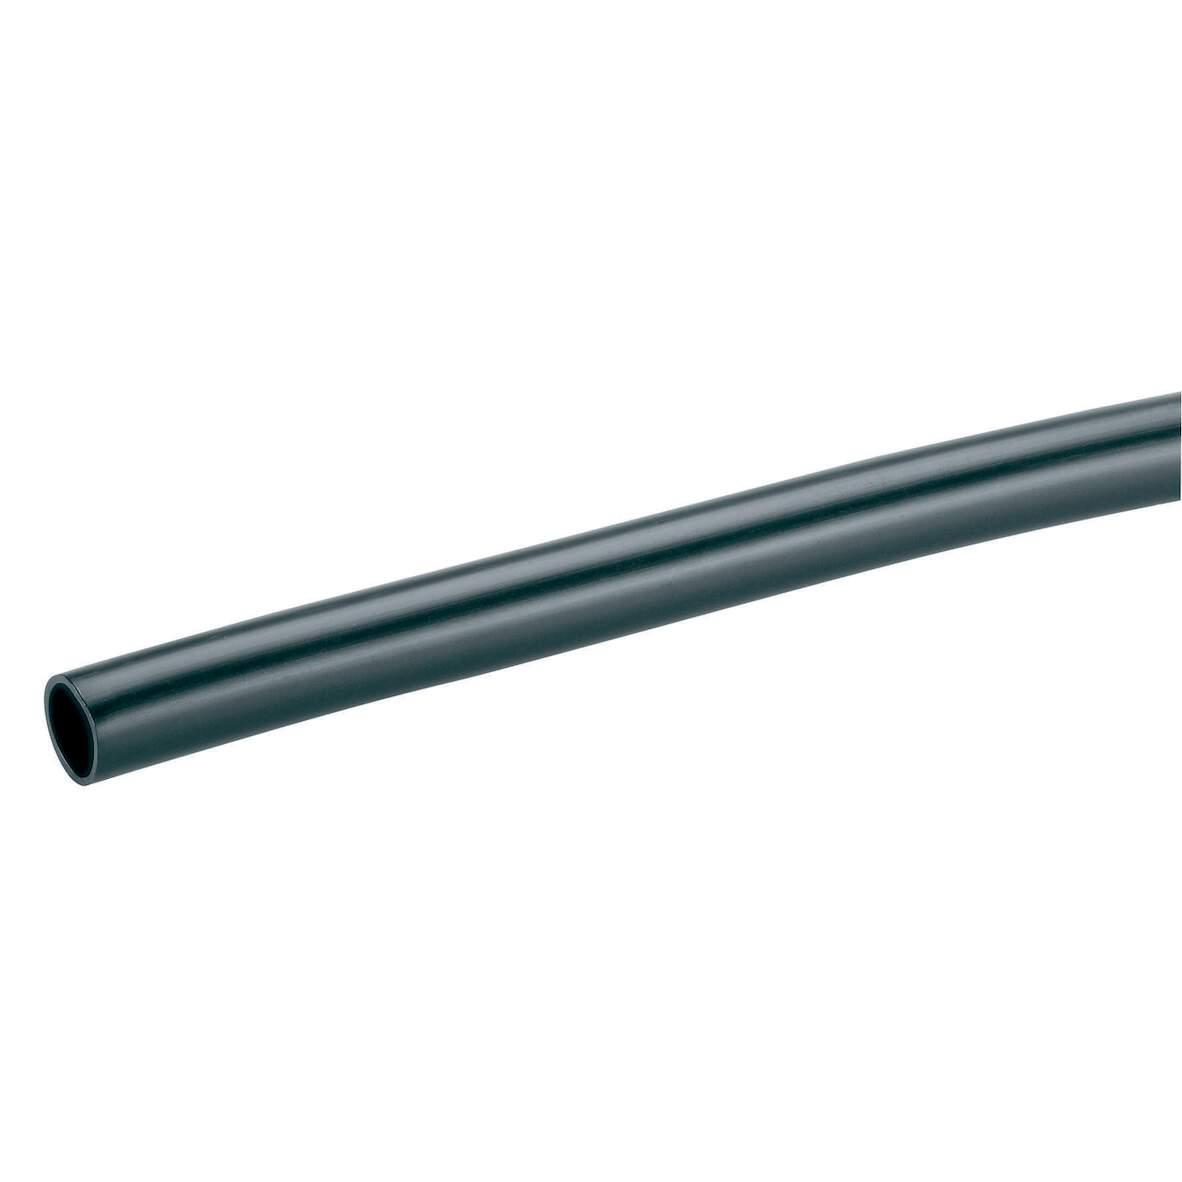 verlegerohr 25mm 25m sprinkler system 1134006 let 39 s doit starke marken starker service. Black Bedroom Furniture Sets. Home Design Ideas